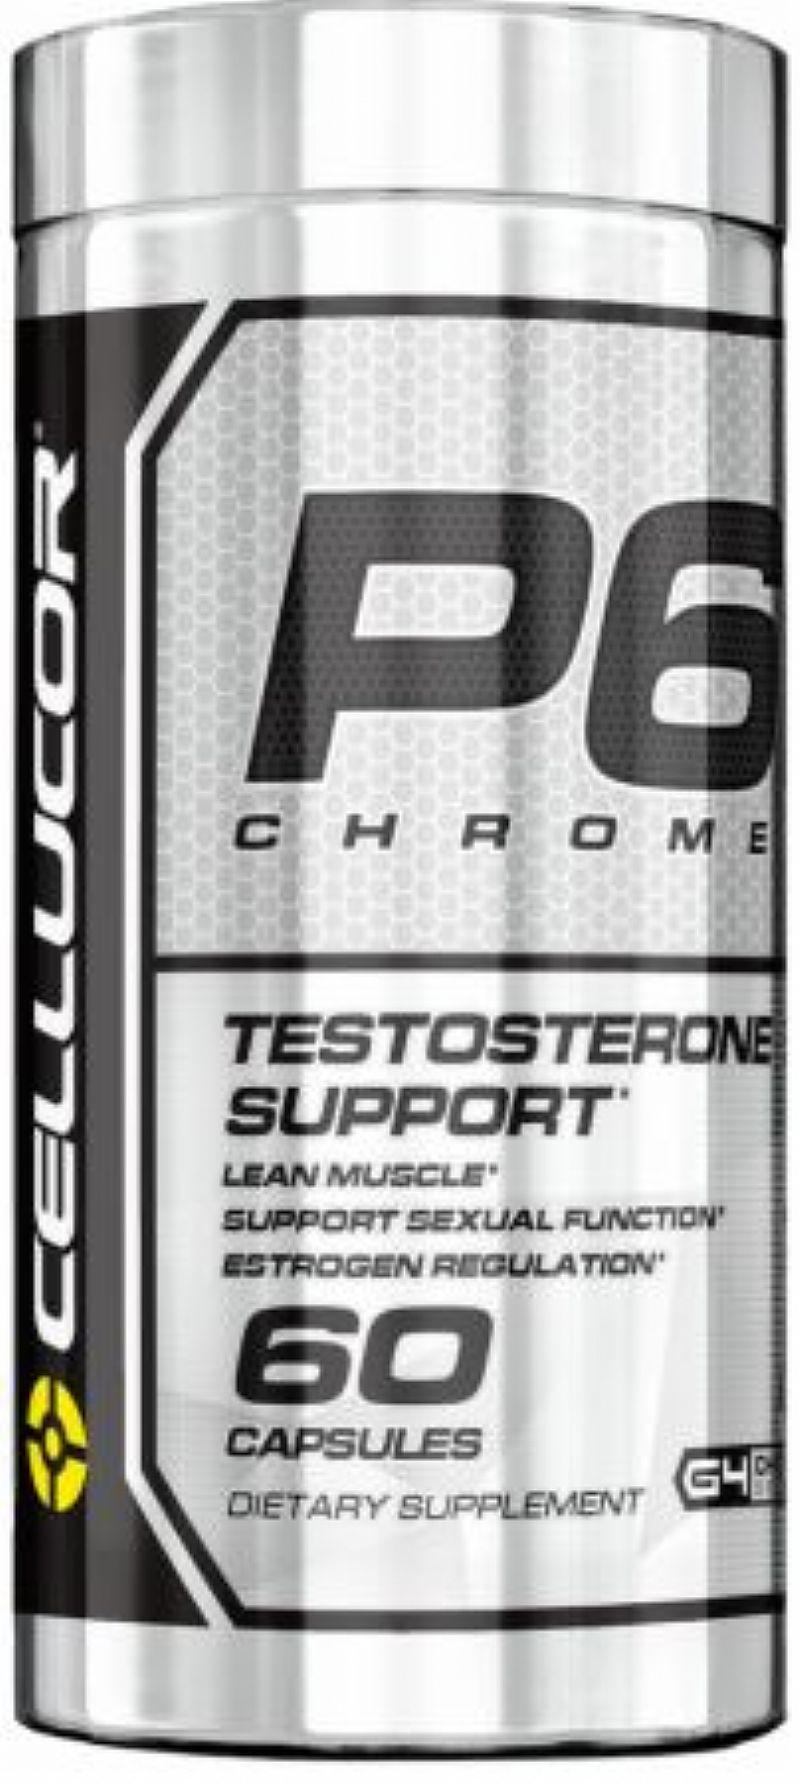 P6 Chrome - Cellucor (60 Capsulas)